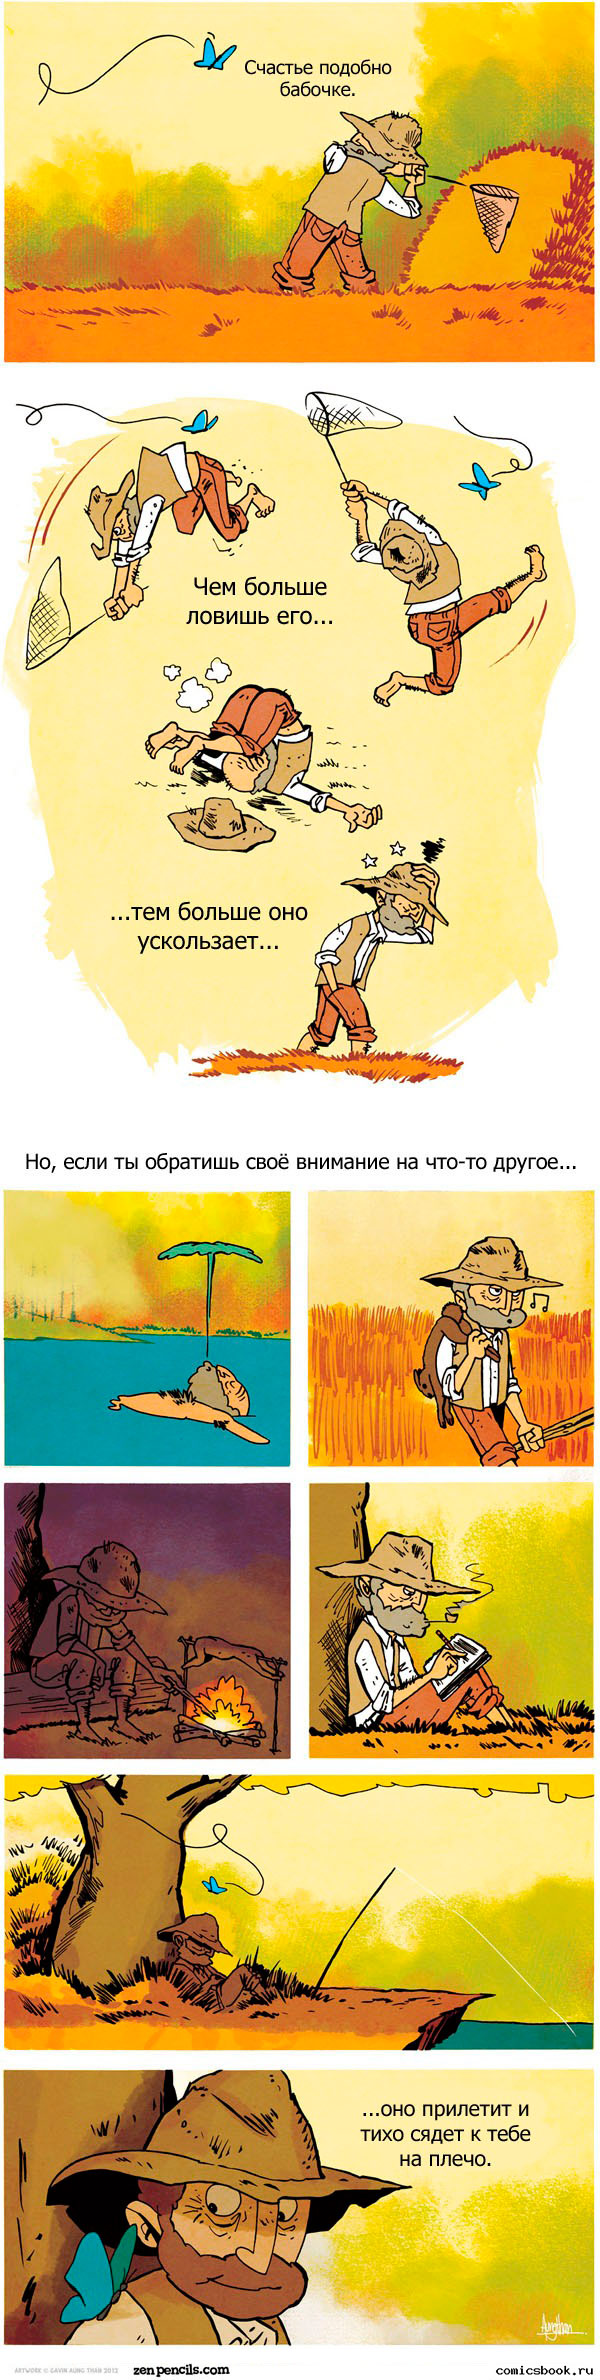 Комикс «Поиск Счастья»